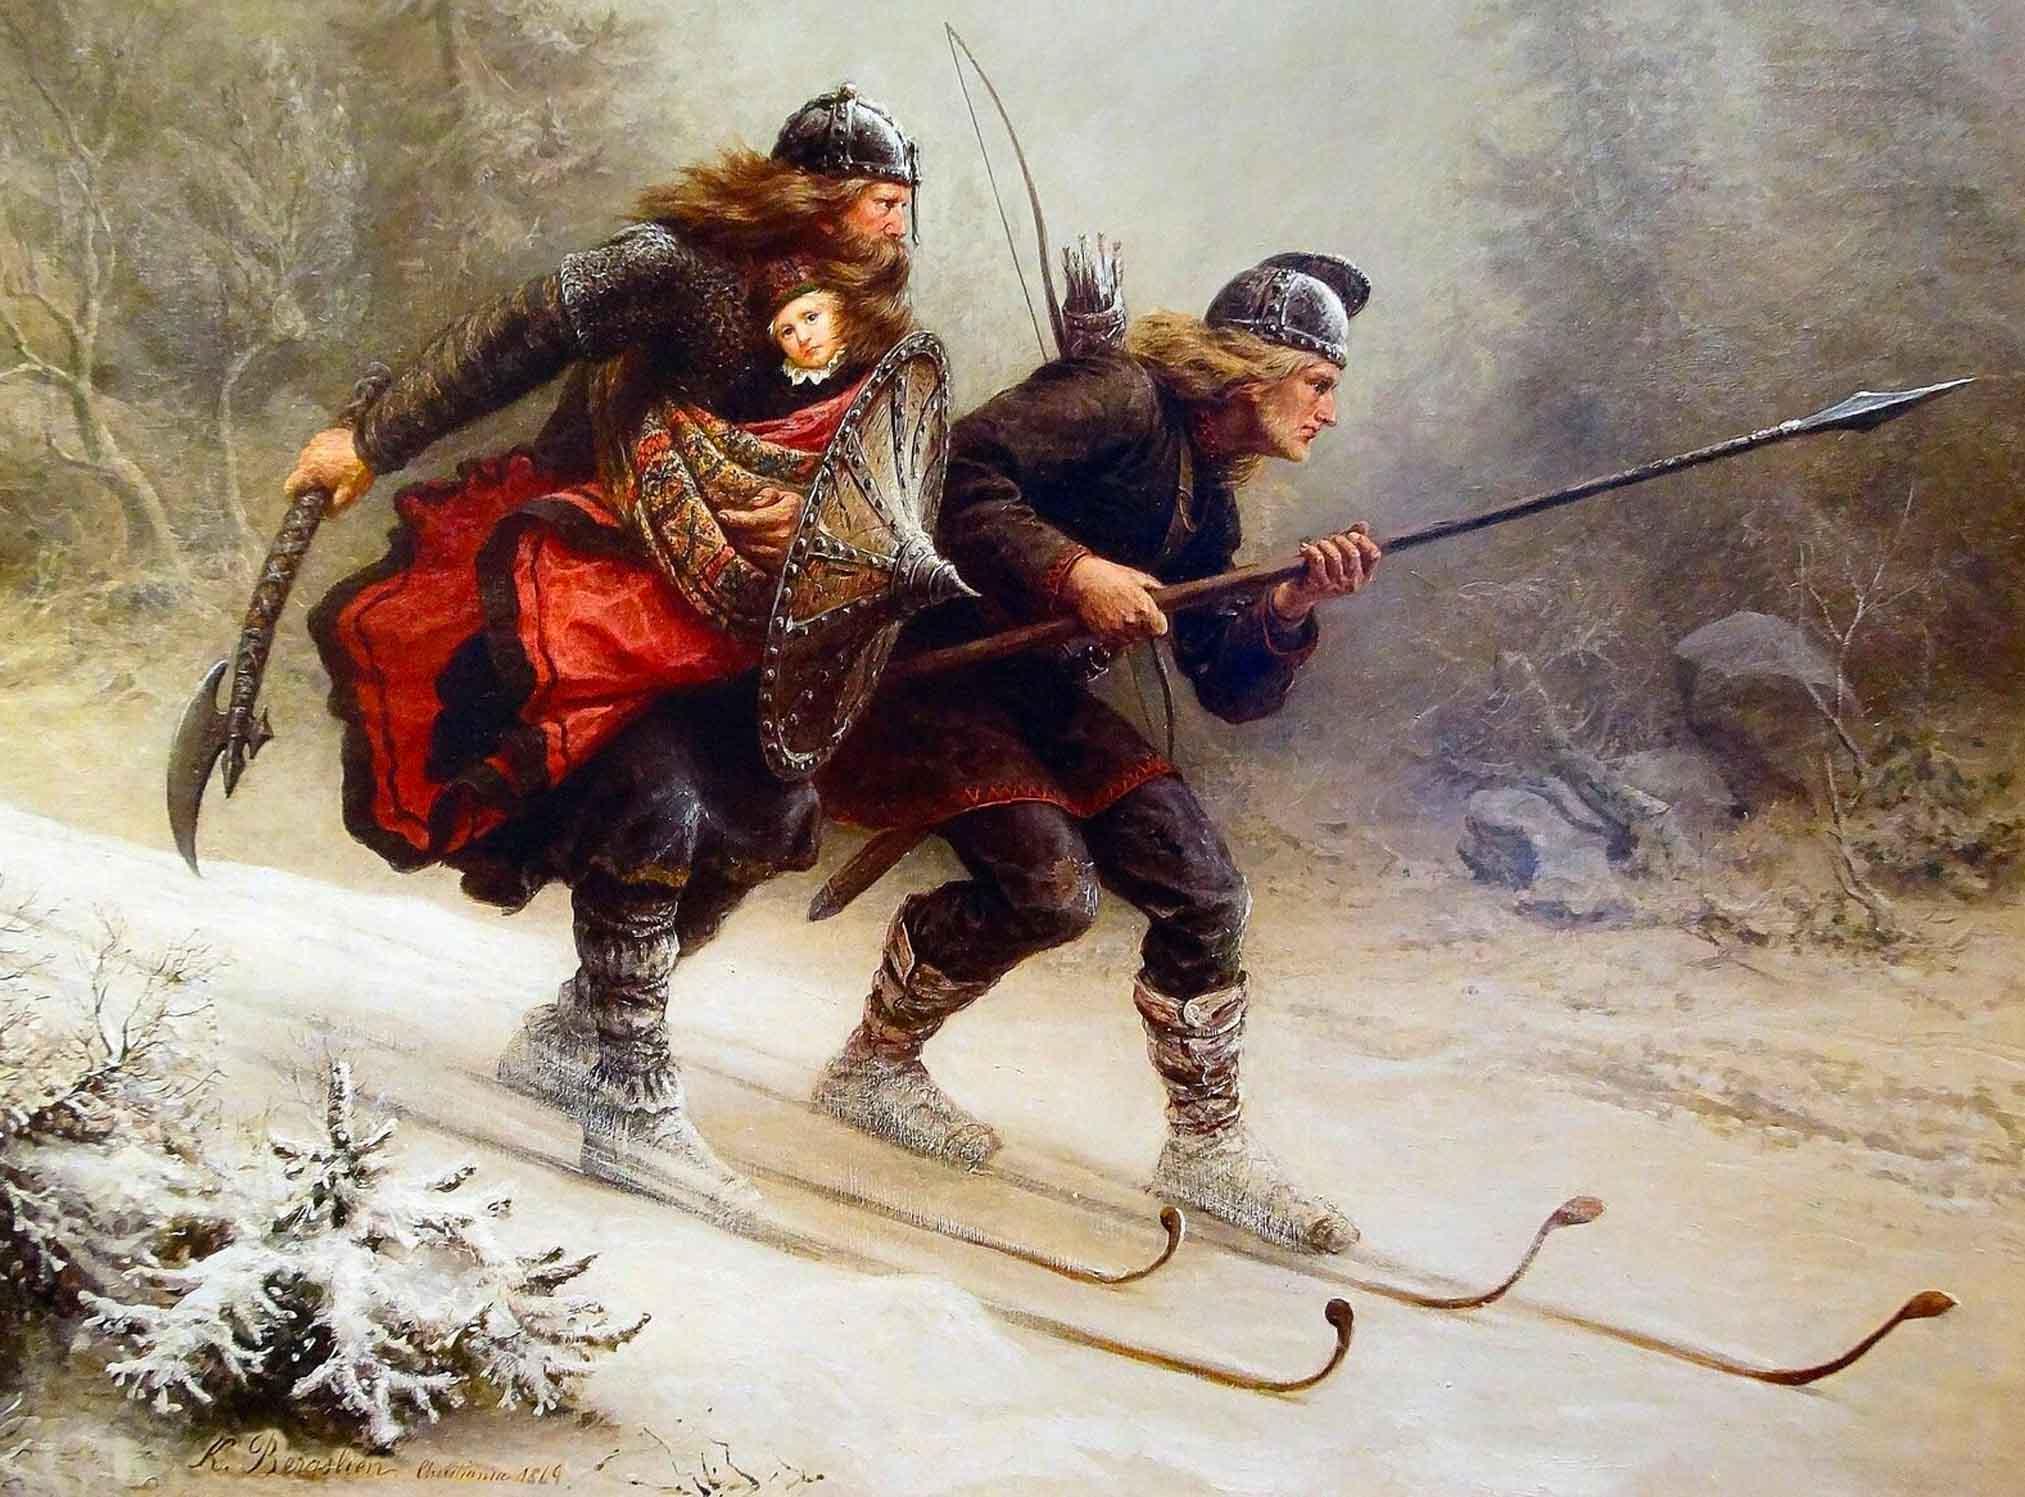 Representación de vikingos esquiando